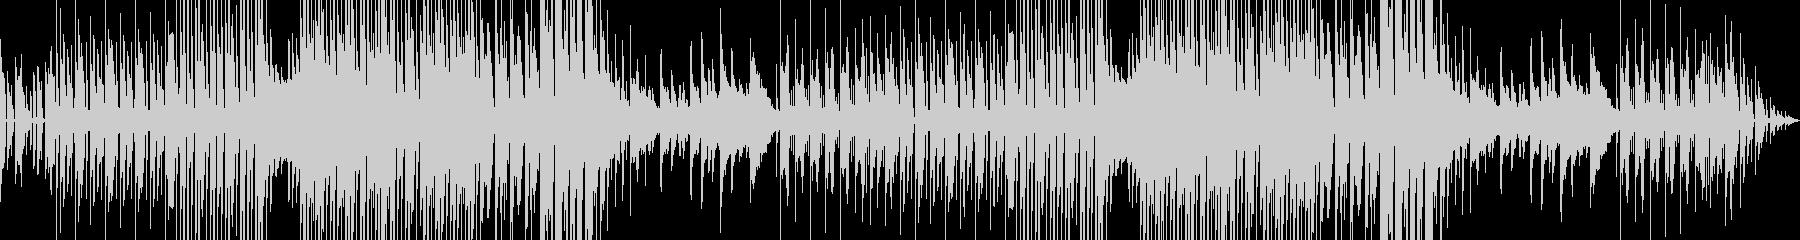 ファンクなエレクトロスウィング風ジャズの未再生の波形